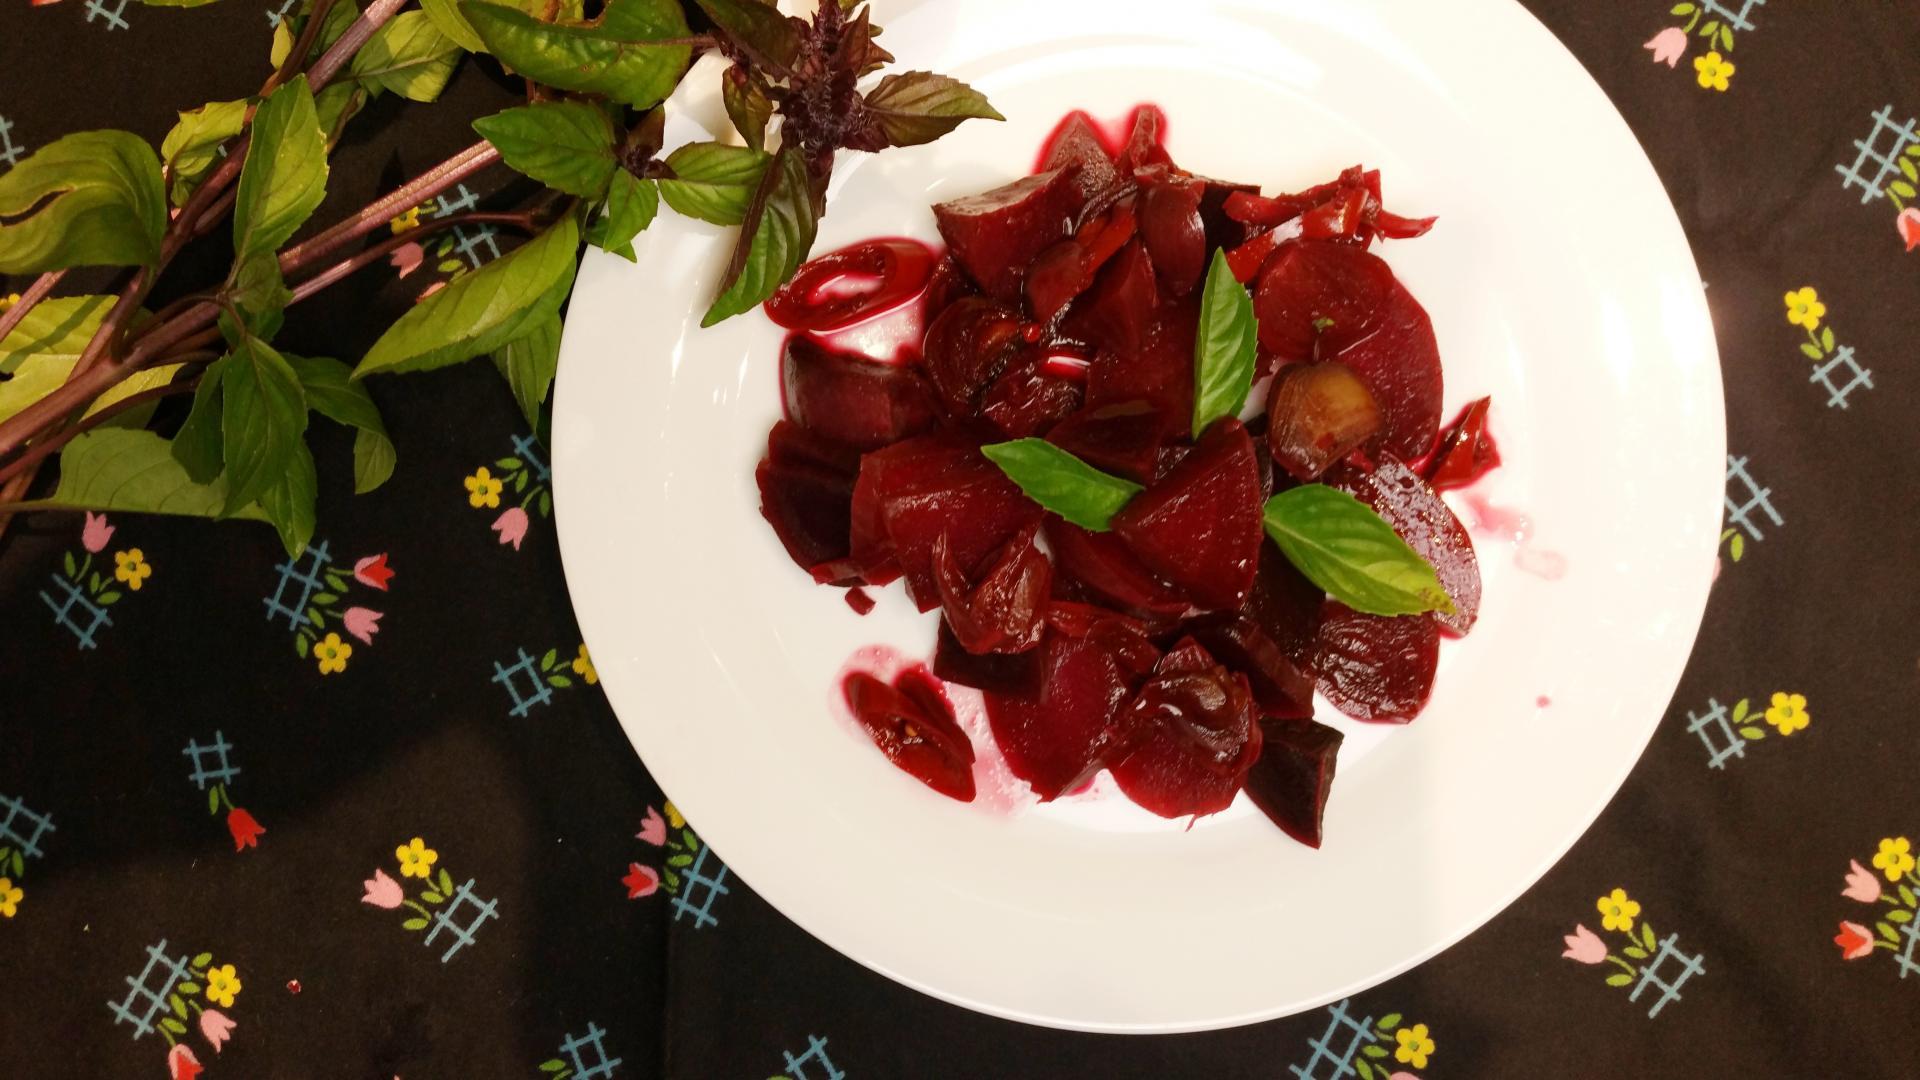 Uitgelichte foto voor het bericht Thaise bietjes met peper en basilicum